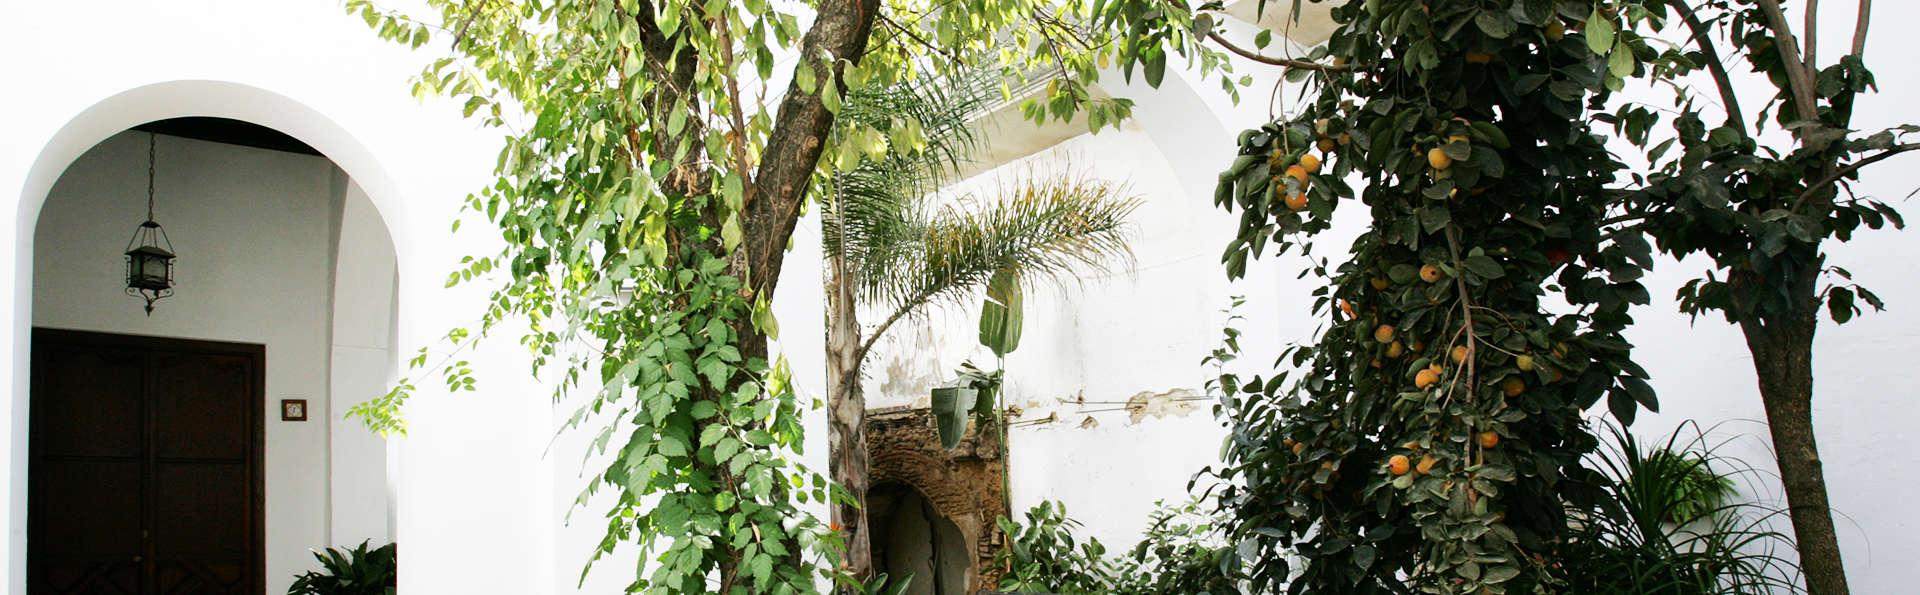 Posada de Palacio - EDIT_patio2.jpg